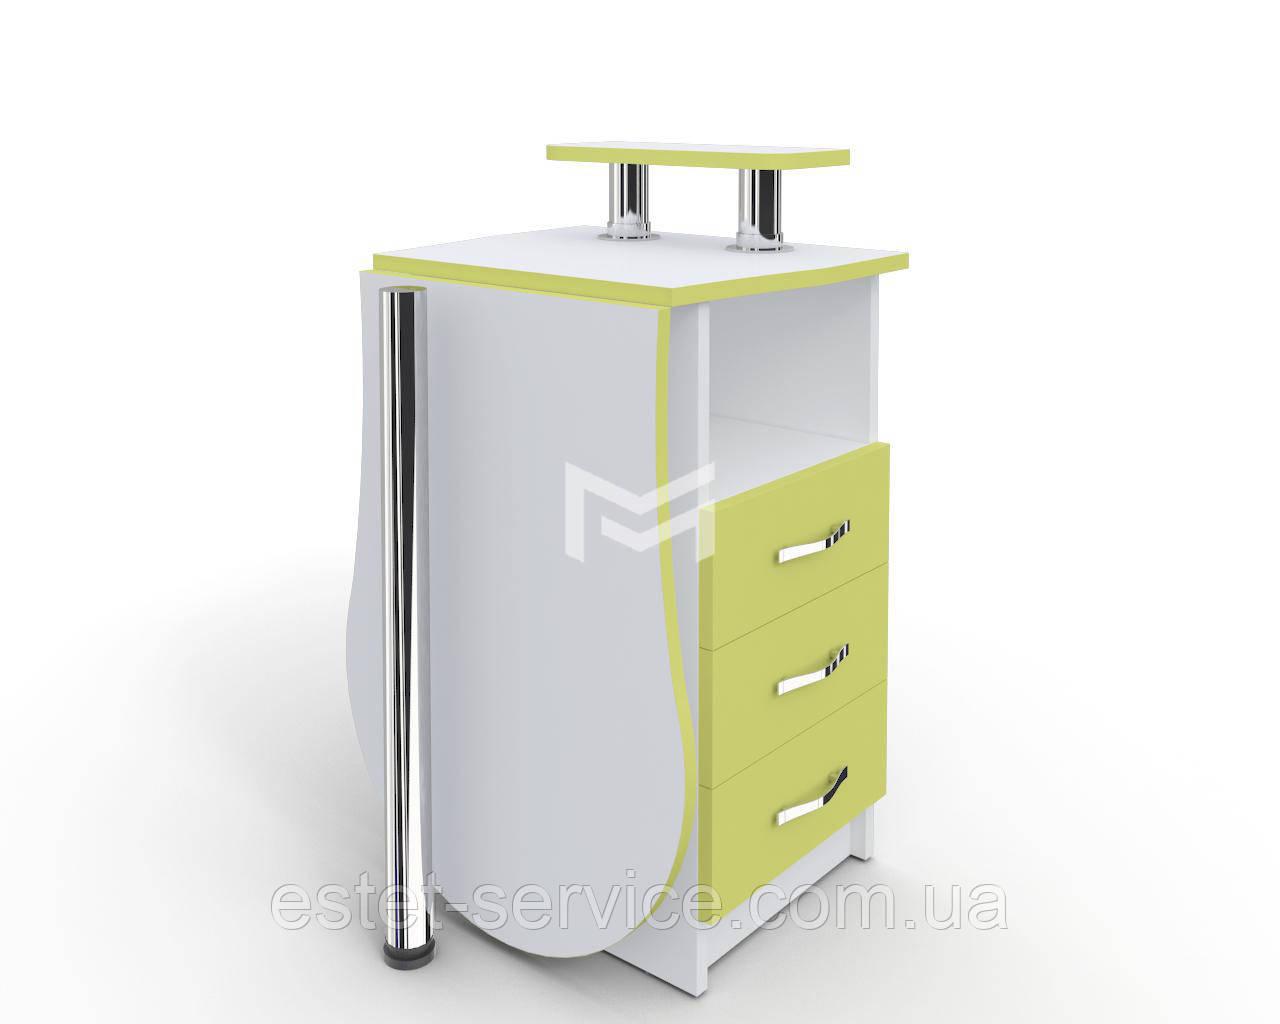 Маникюрный стол складной-раскладной Естет компакт №2 с ФАСАДАМИ В ЦВЕТЕ М102K